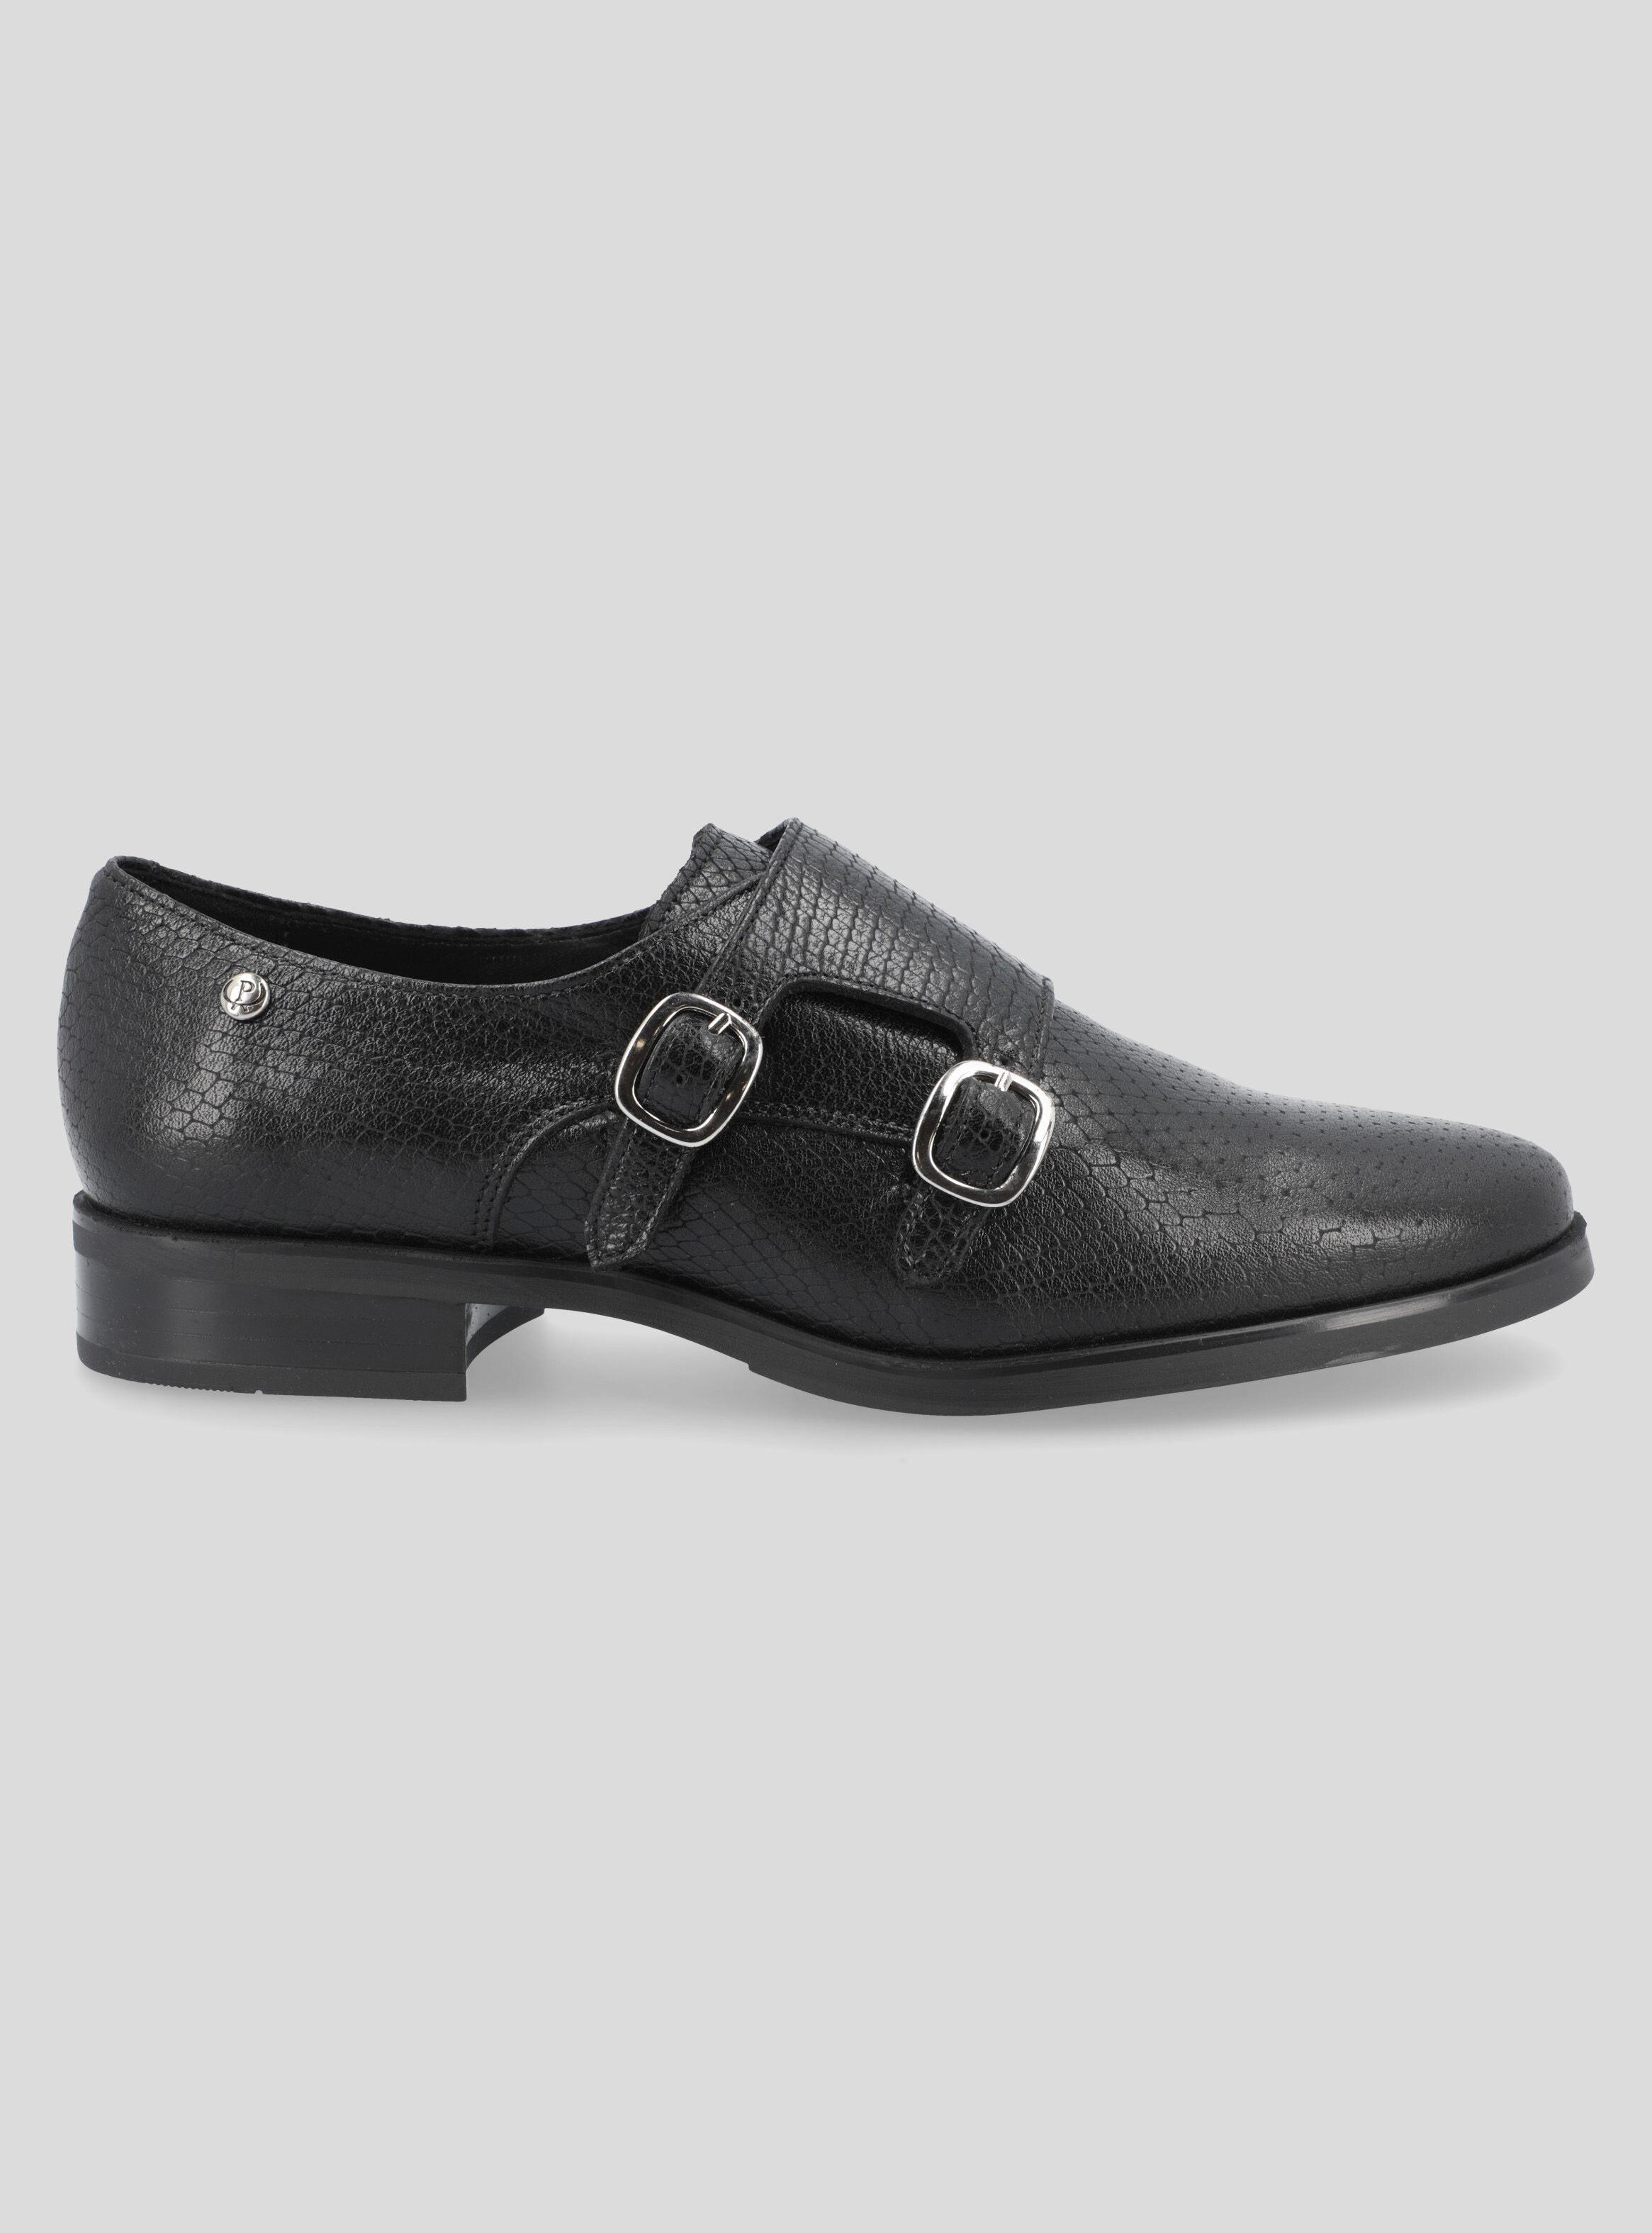 Zapato Casual Textura Pollini Textura Casual Pollini Zapato Zapato PkiXZu